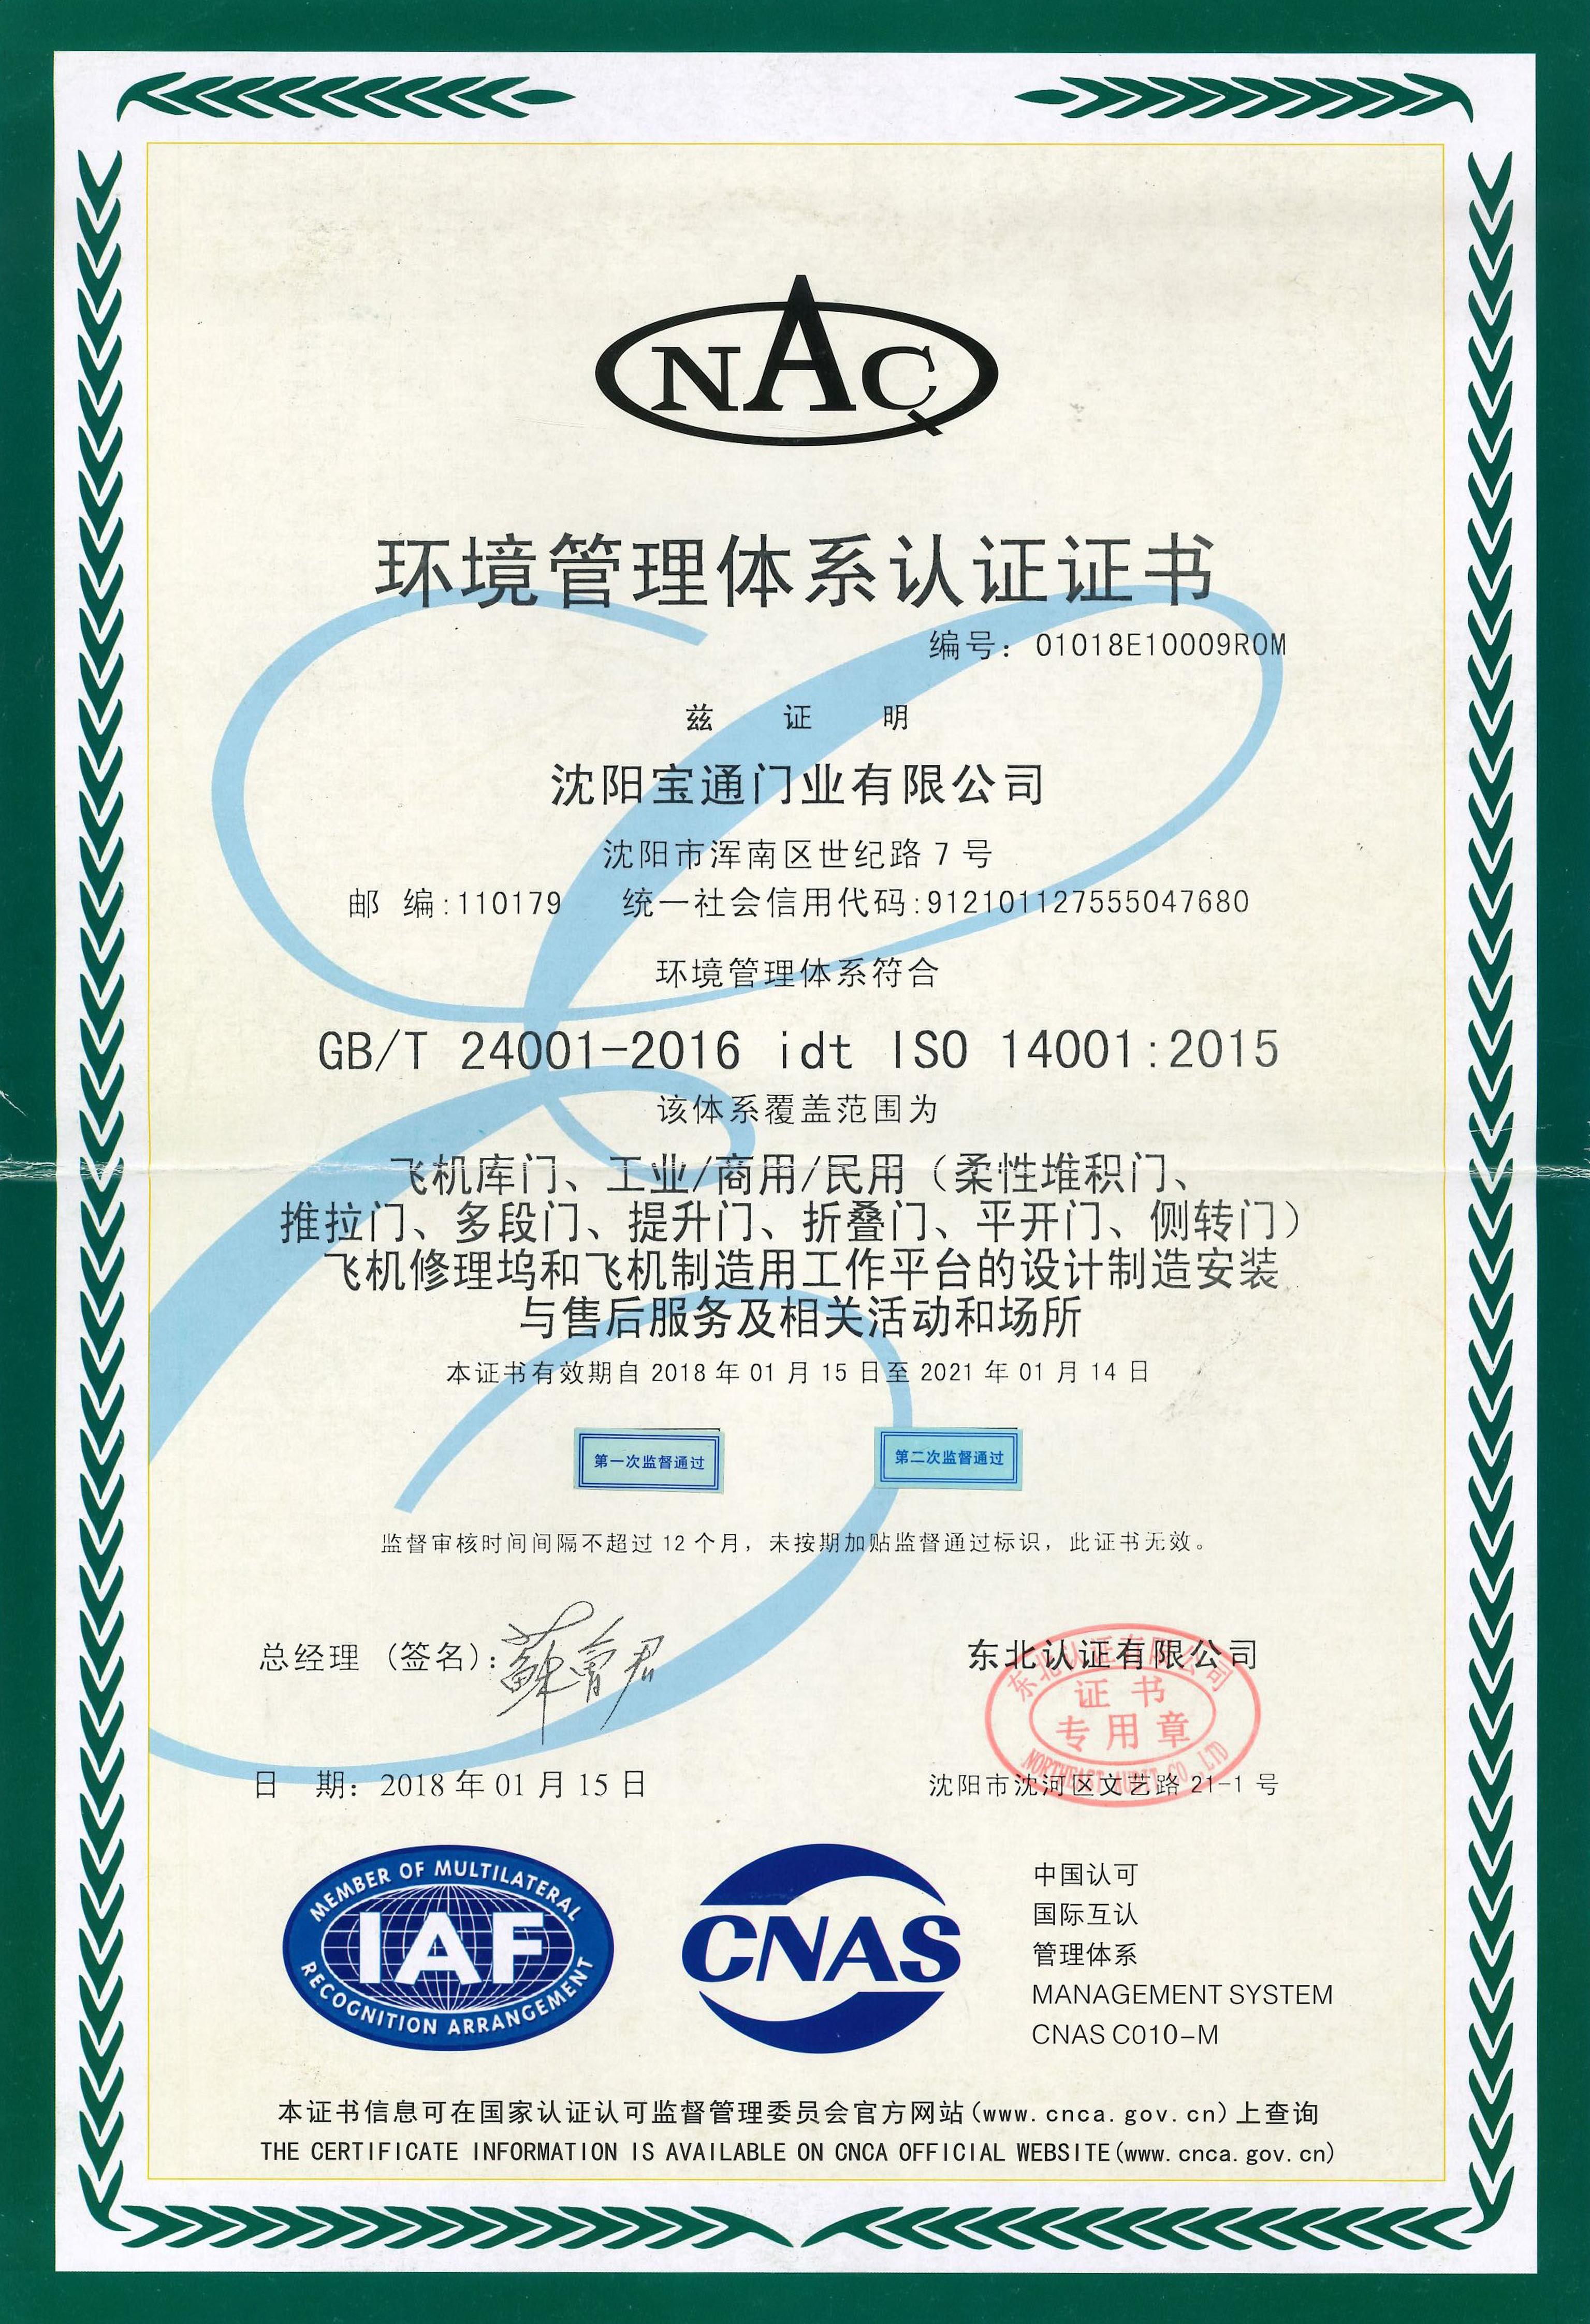 環境管理體系認證證書(中文)